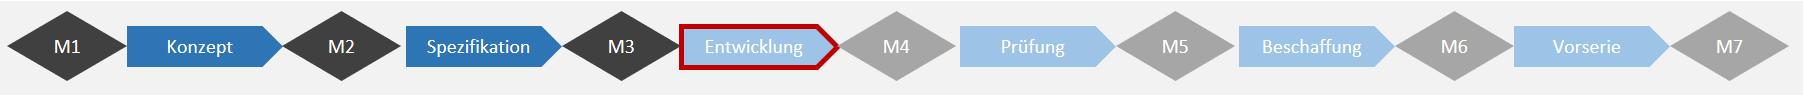 PPM Lösung einführen 0